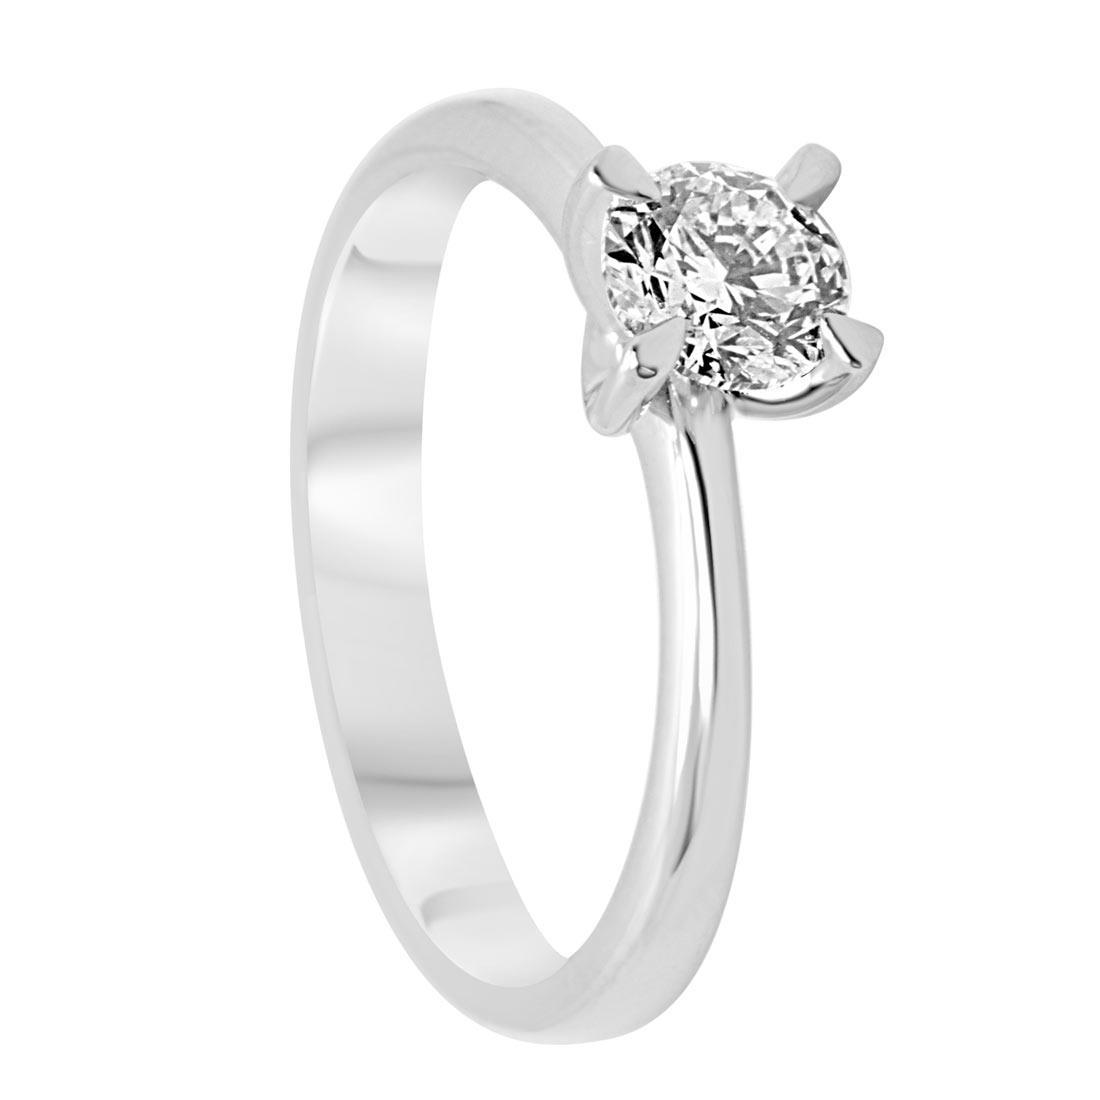 Anello solitario in oro bianco con diamante 0,50 ct mis 14 - ALFIERI & ST. JOHN